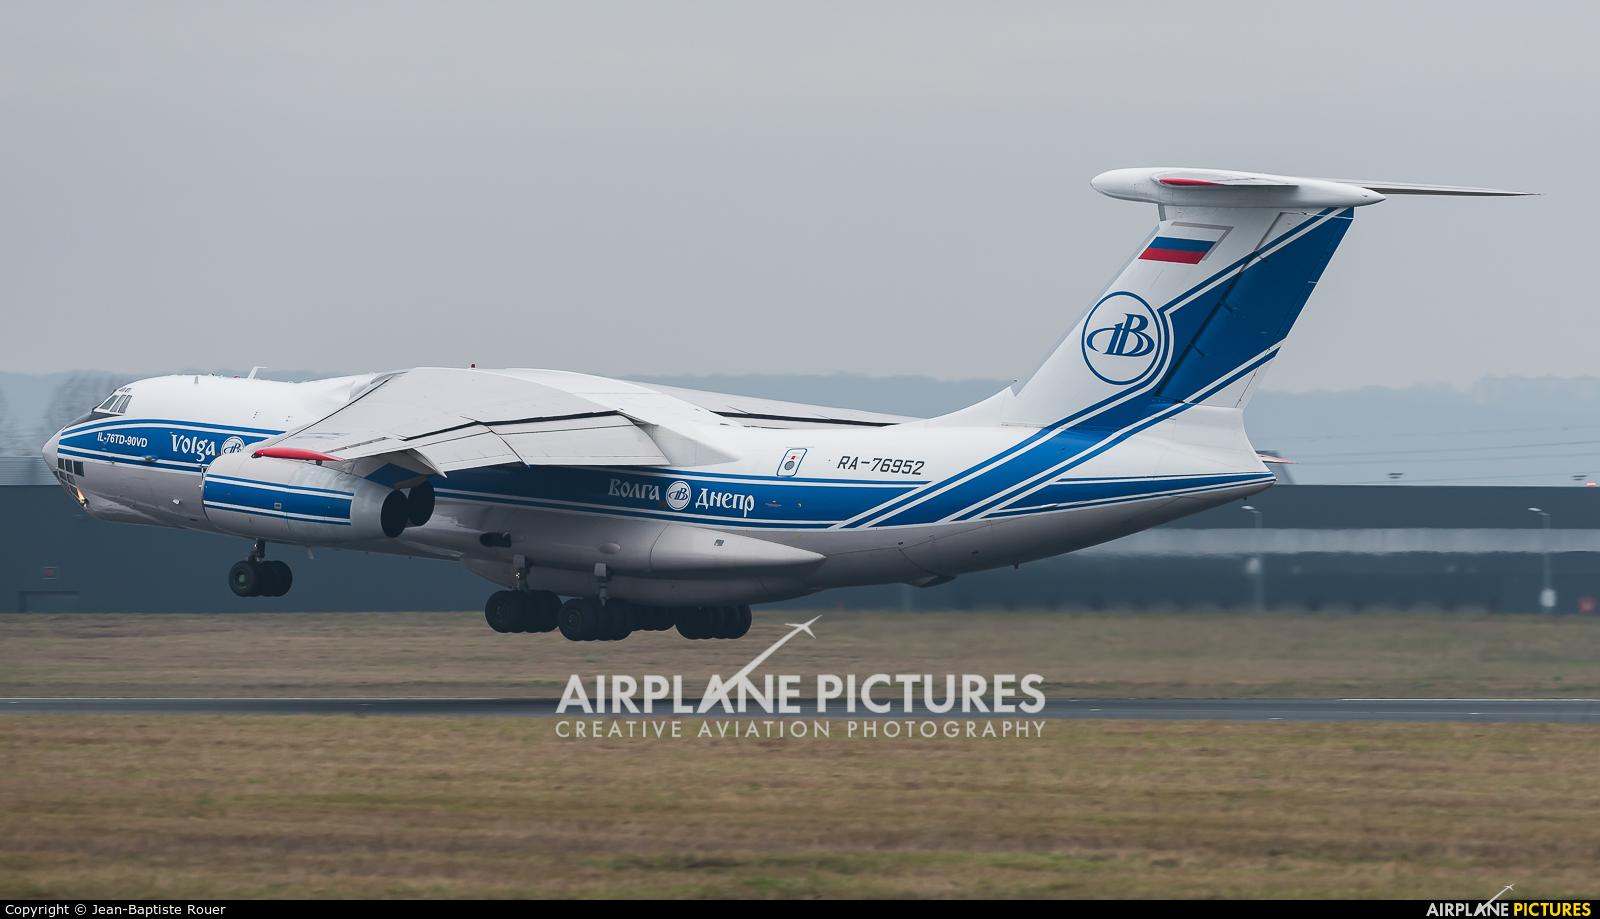 Volga Dnepr Airlines RA-76952 aircraft at Paris - Orly